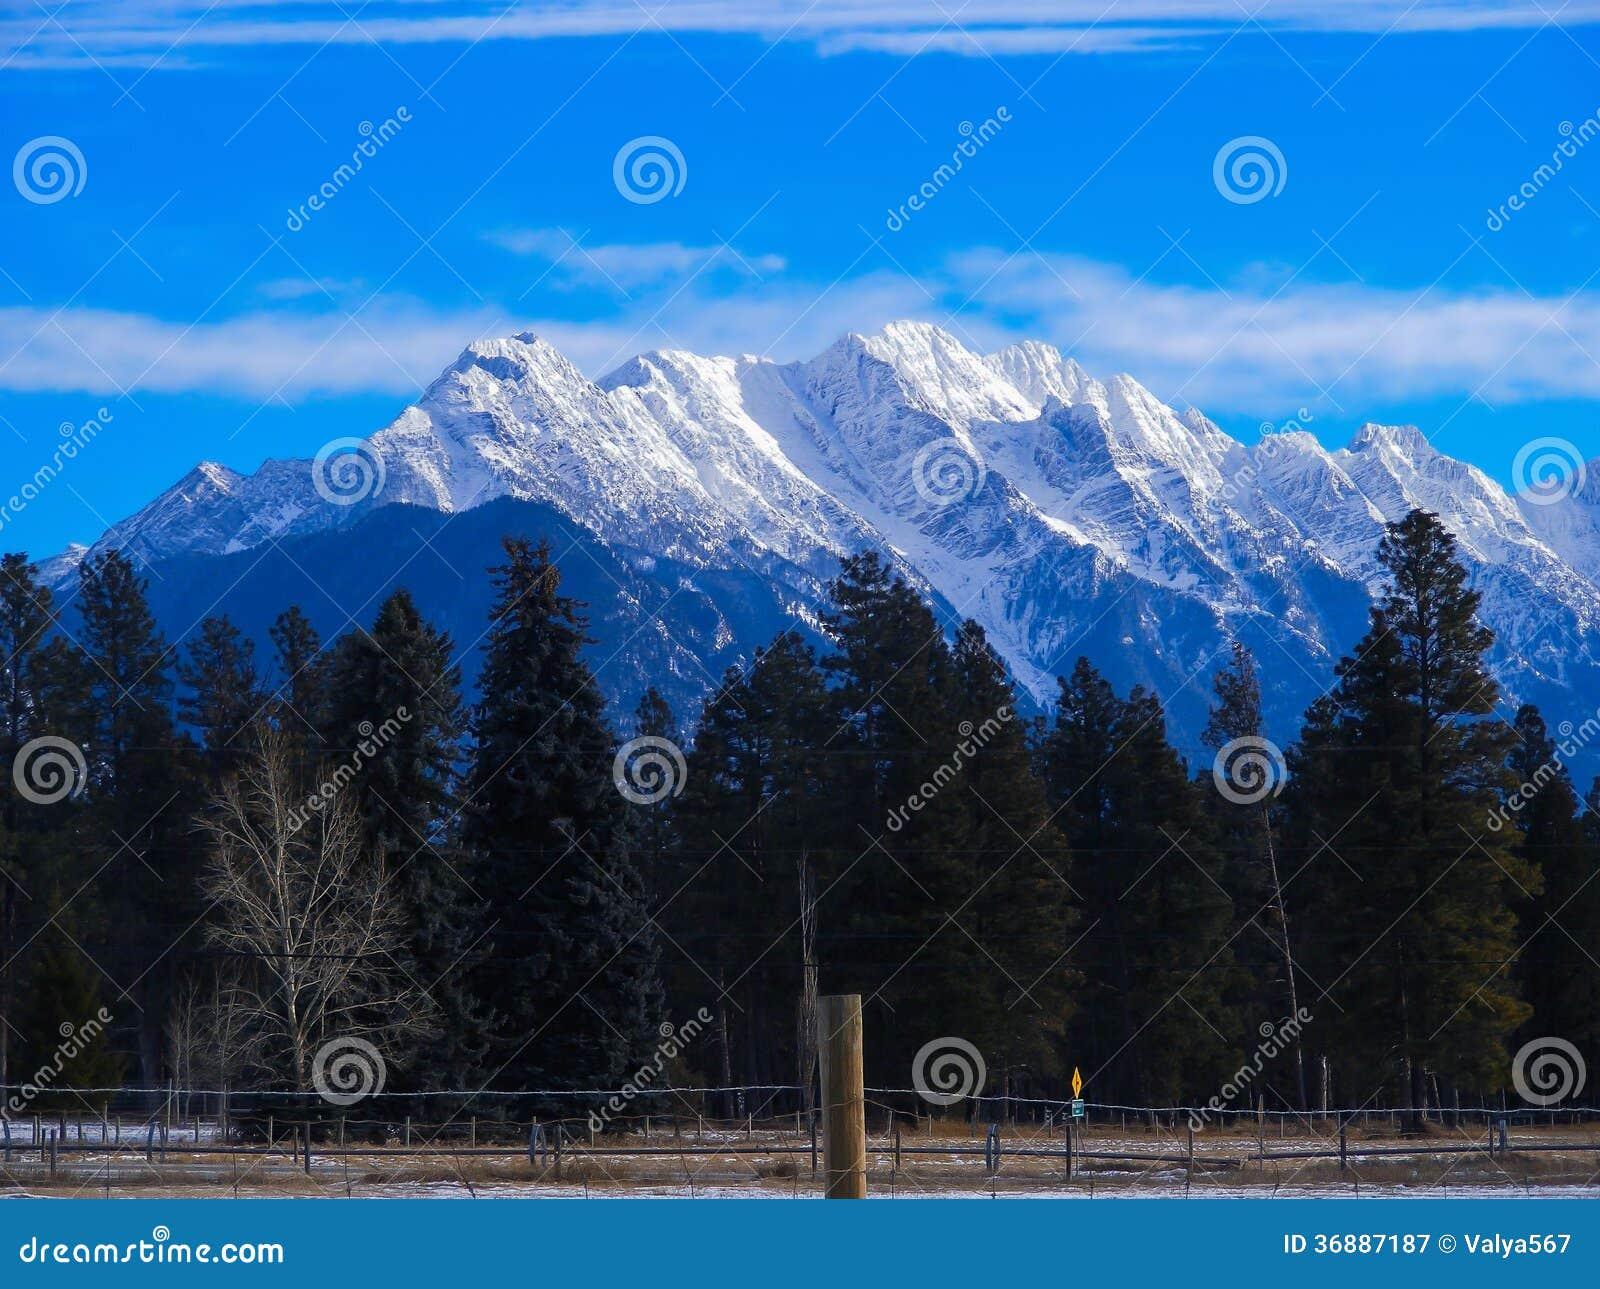 Download Montagne immagine stock. Immagine di dicembre, ghiaccio - 36887187